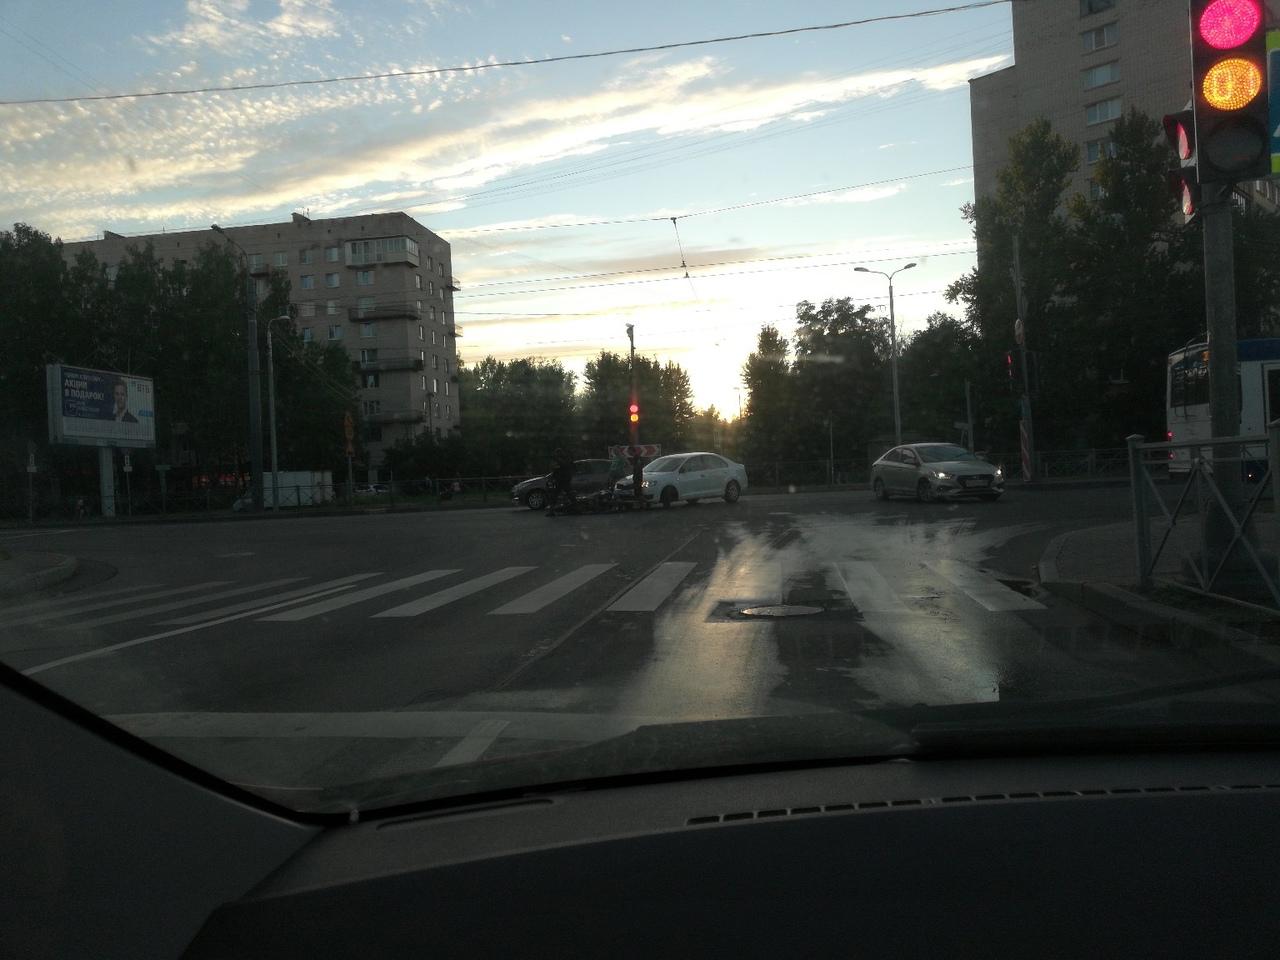 Авария с мотоциклистом на перекрёстке пр. Ветеранов и улицы Танкиста Хрустицкого